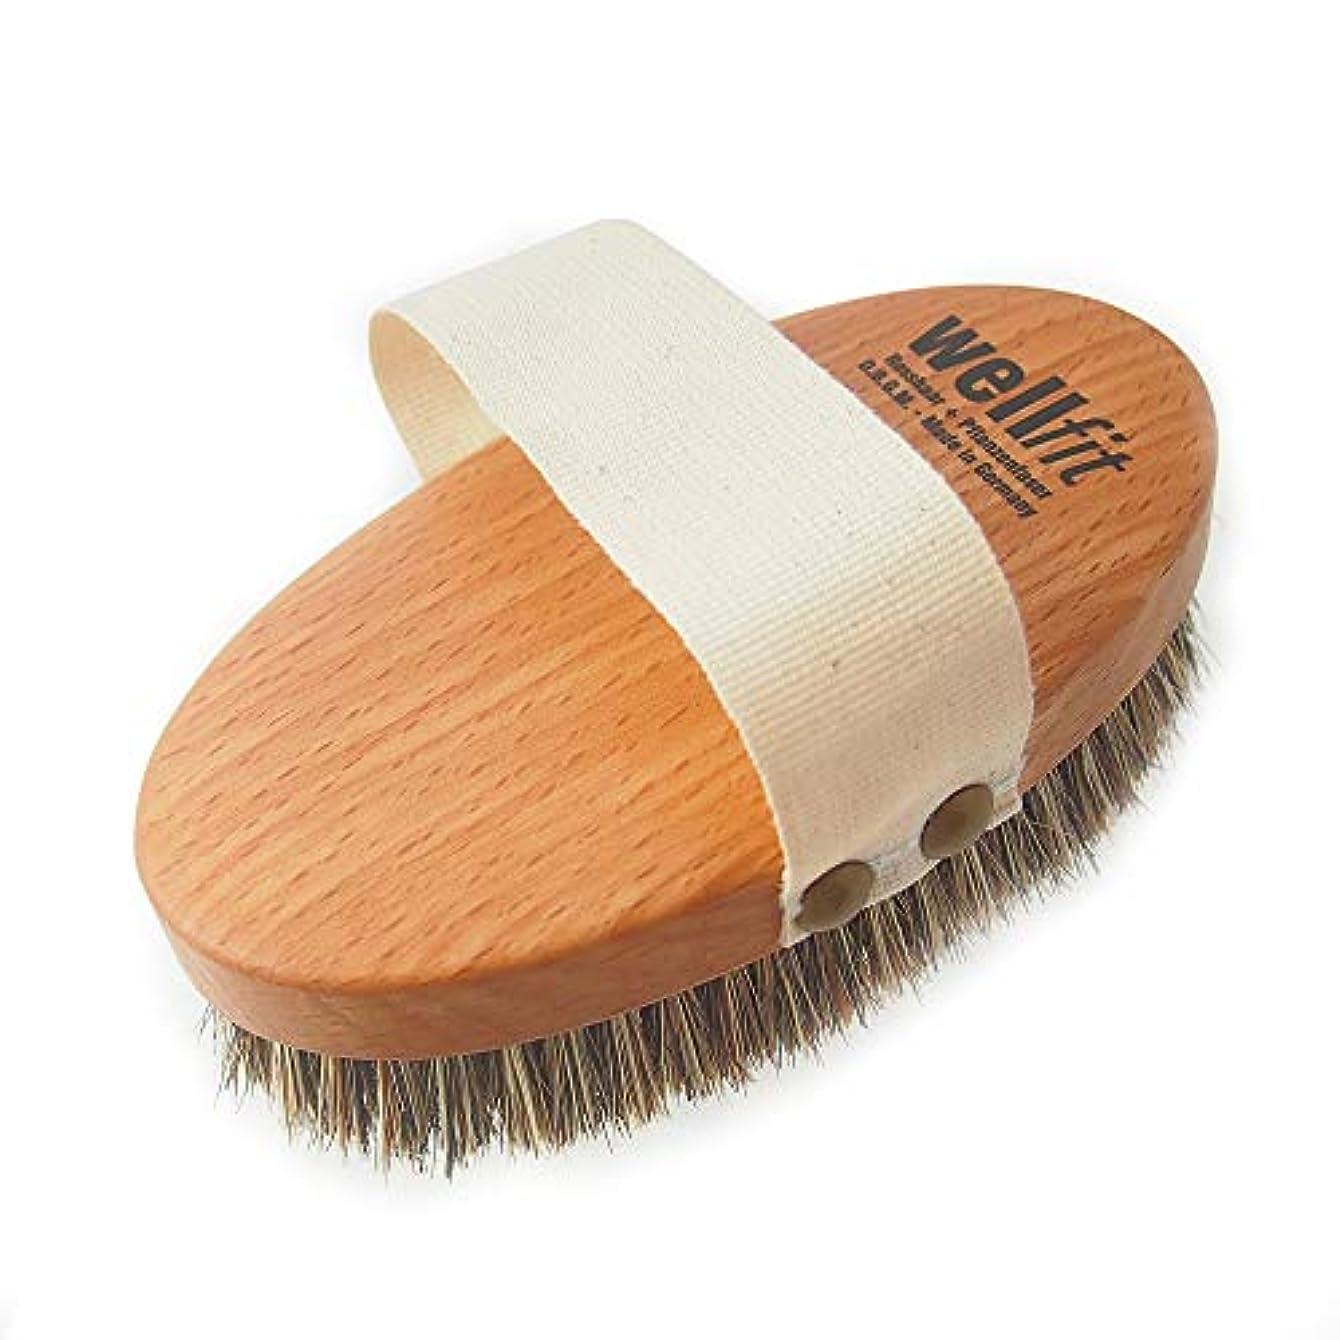 曲がった麻痺ヒギンズレデッカー Redecker マッサージブラシ(ミディアムハード 馬毛と植物毛の混毛植毛) 正規品